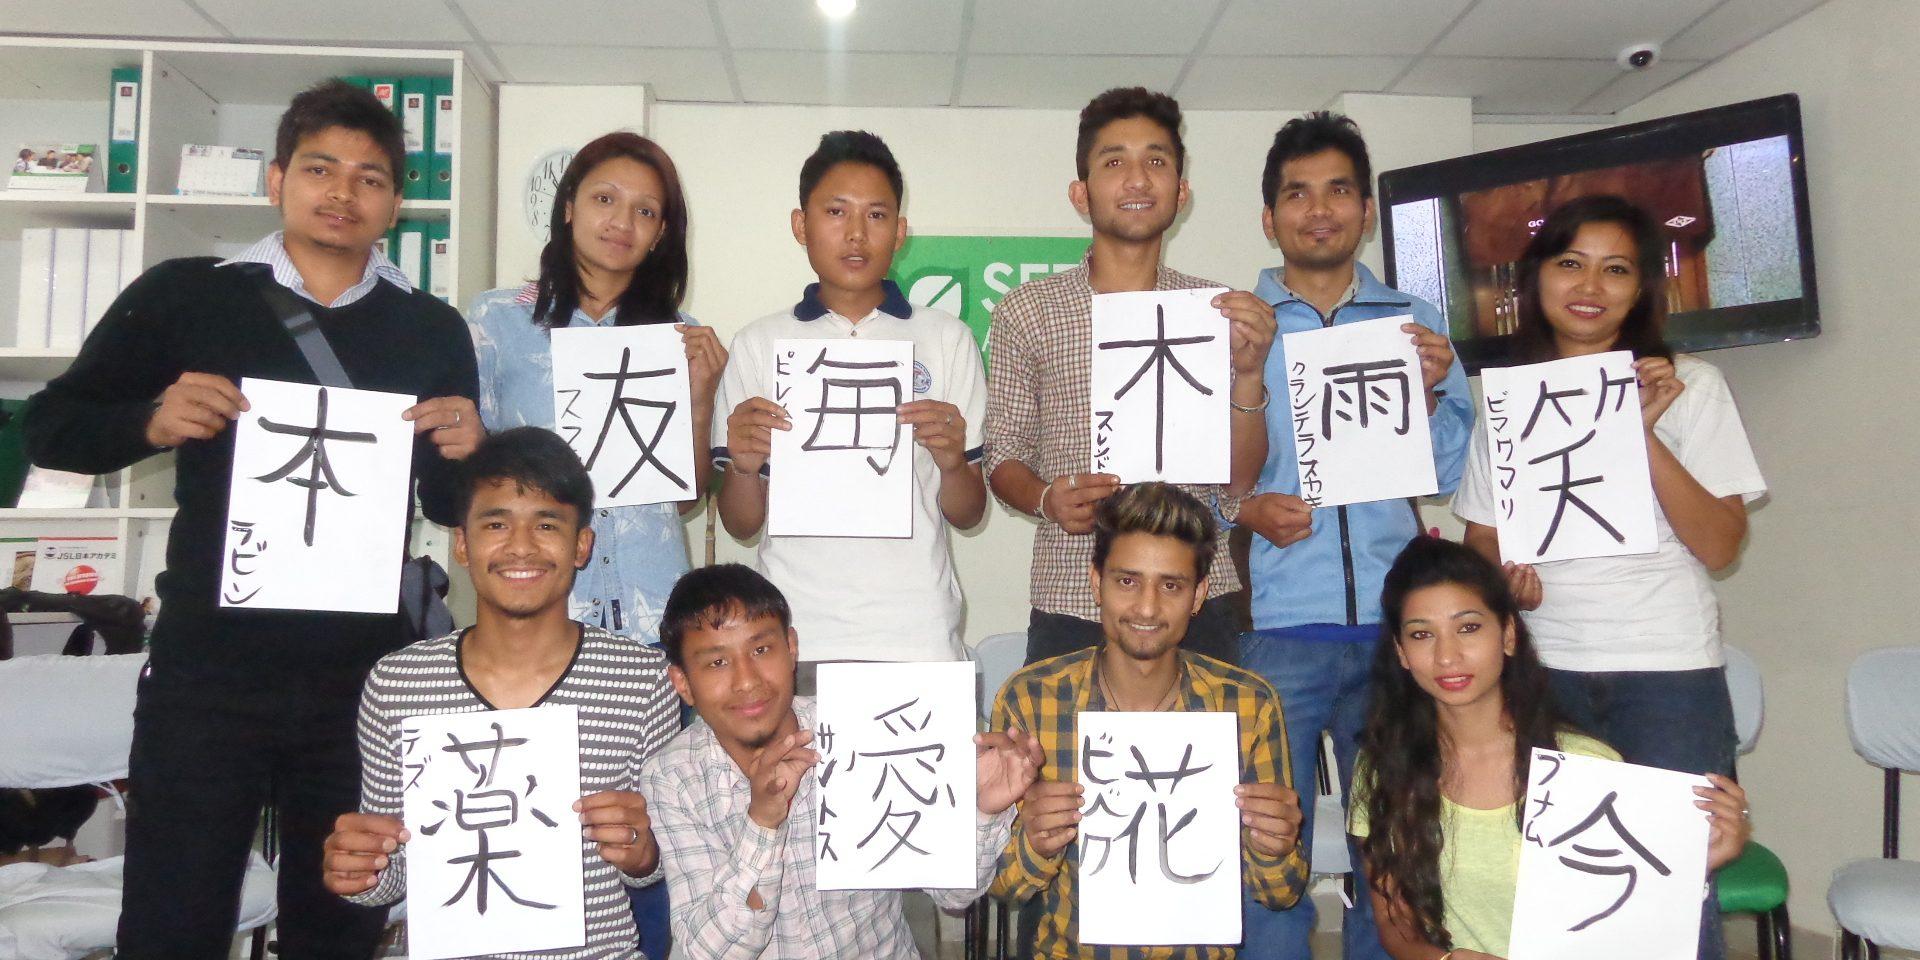 JLPT CLASSSTUDENTS